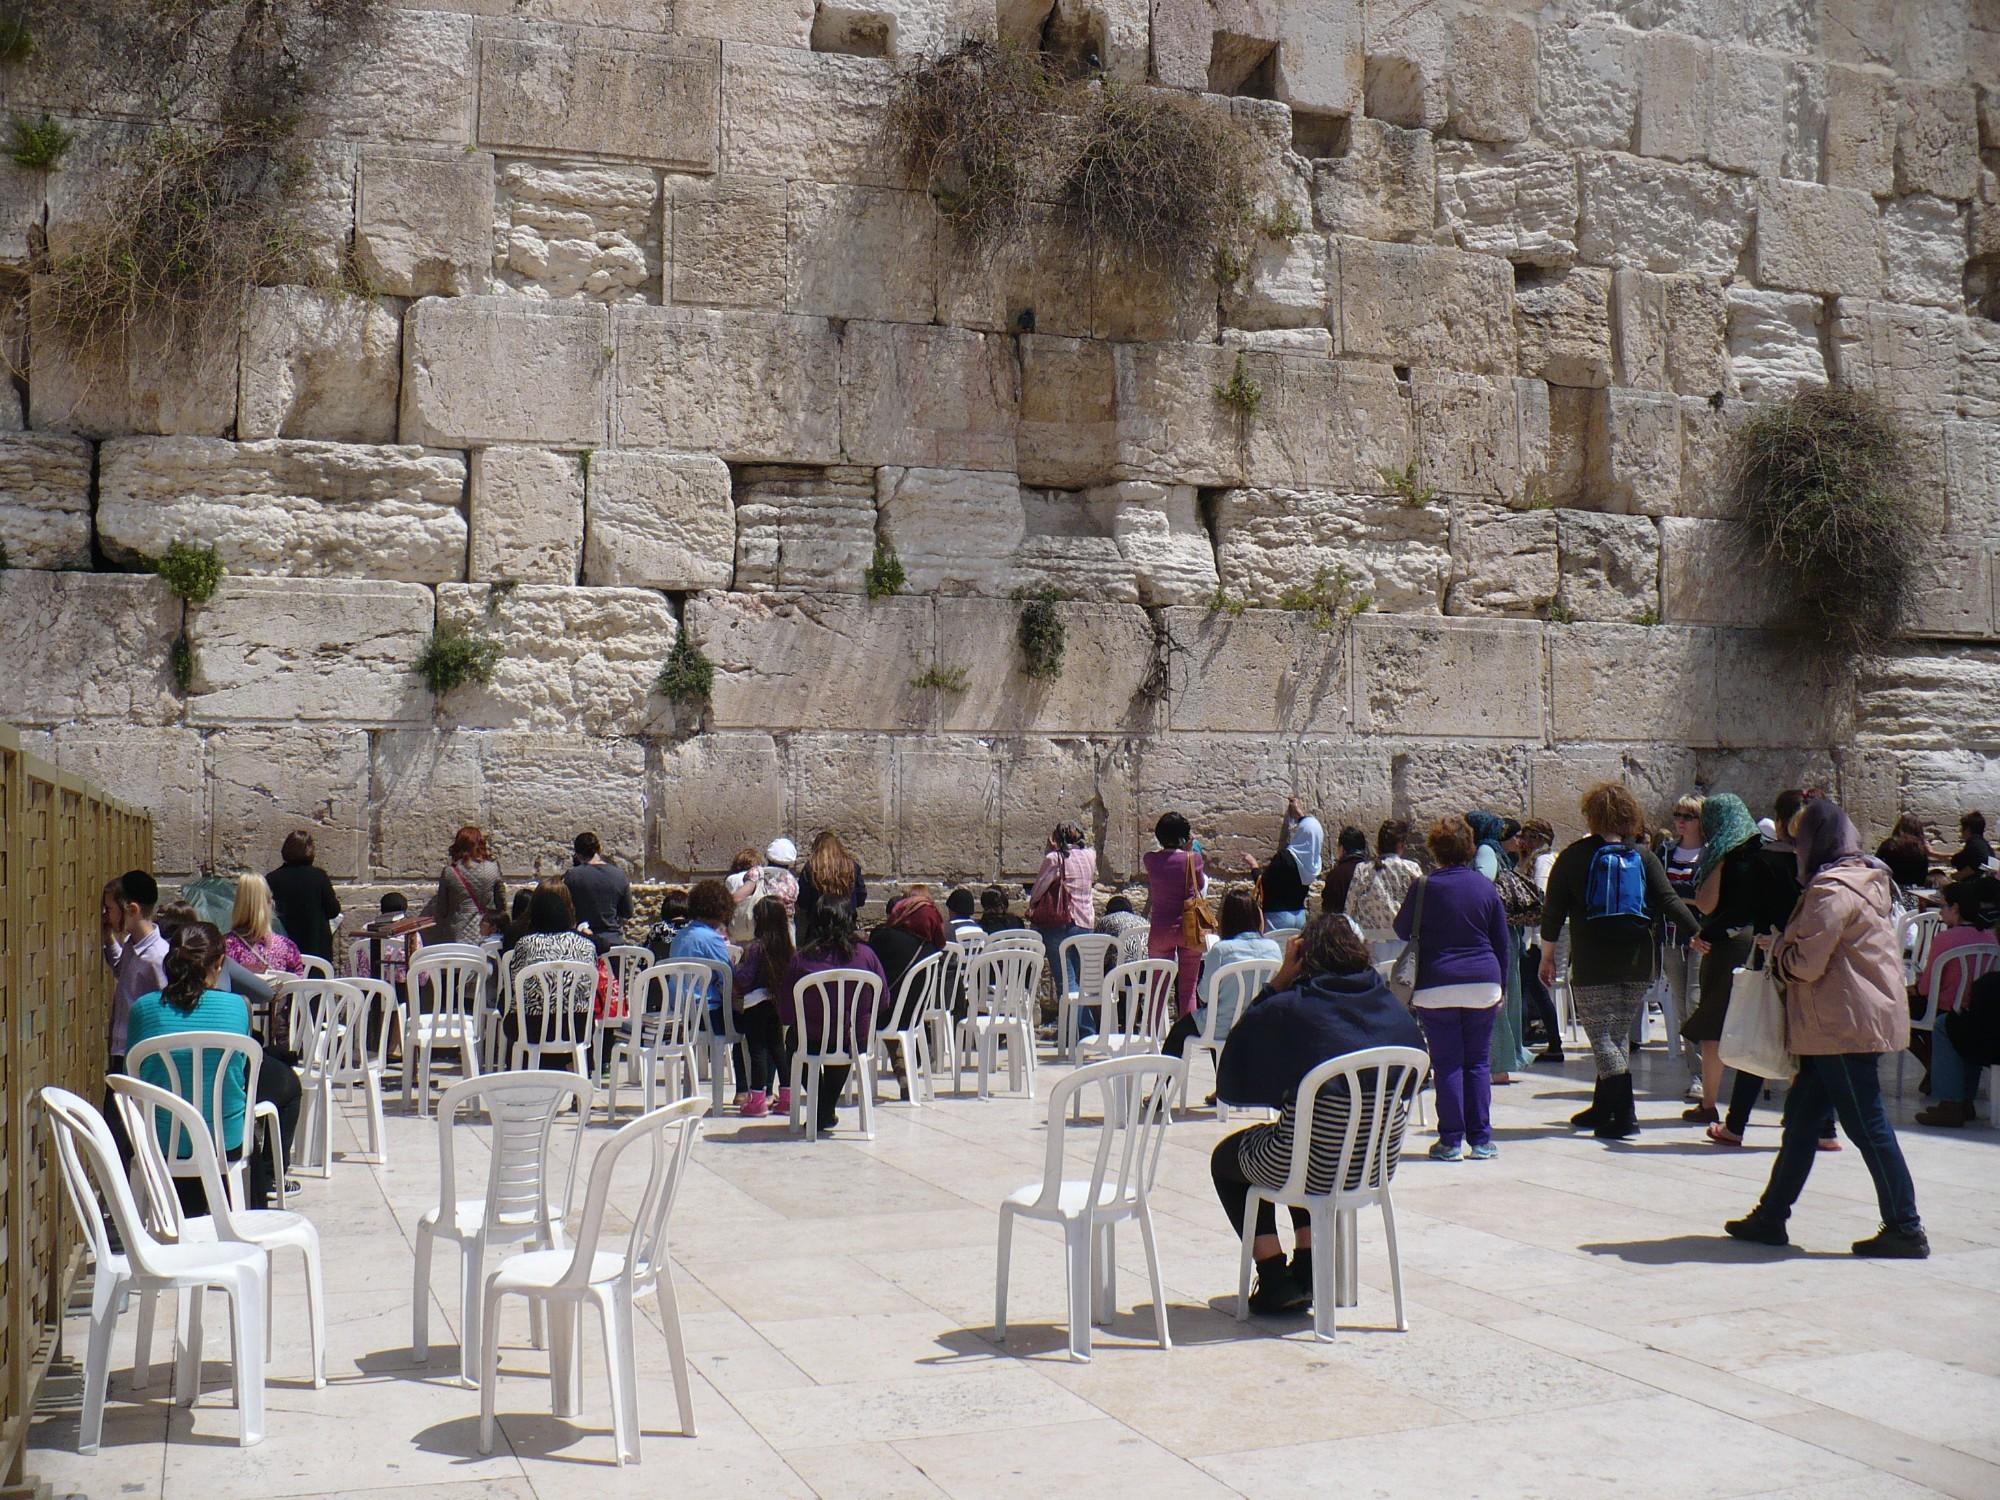 джонджоли это марк шавинер израиль фото присяжных признала обвиняемых